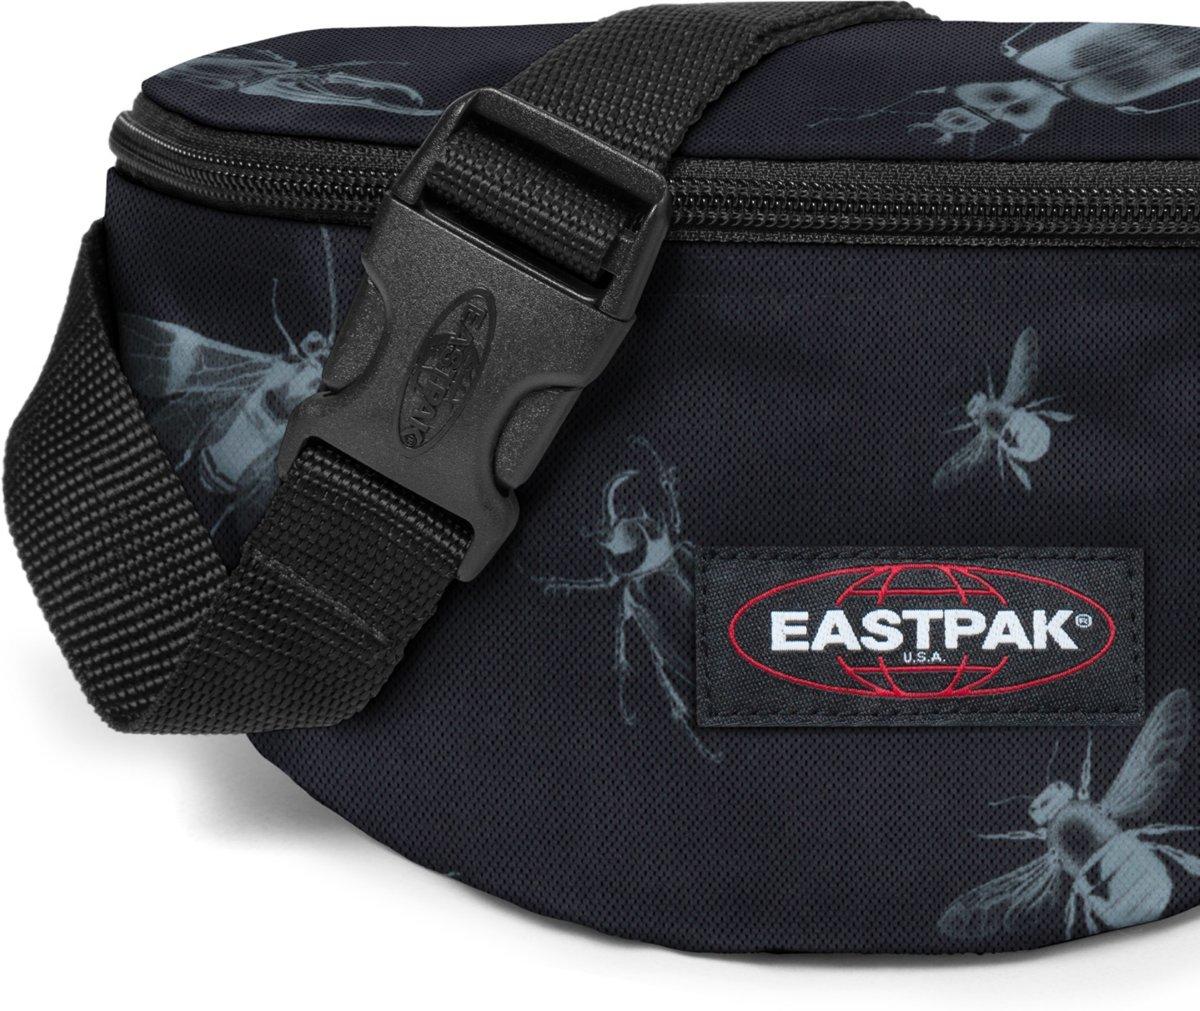 340e24d5245 bol.com | Eastpak Springer Heuptas - Bugged Black